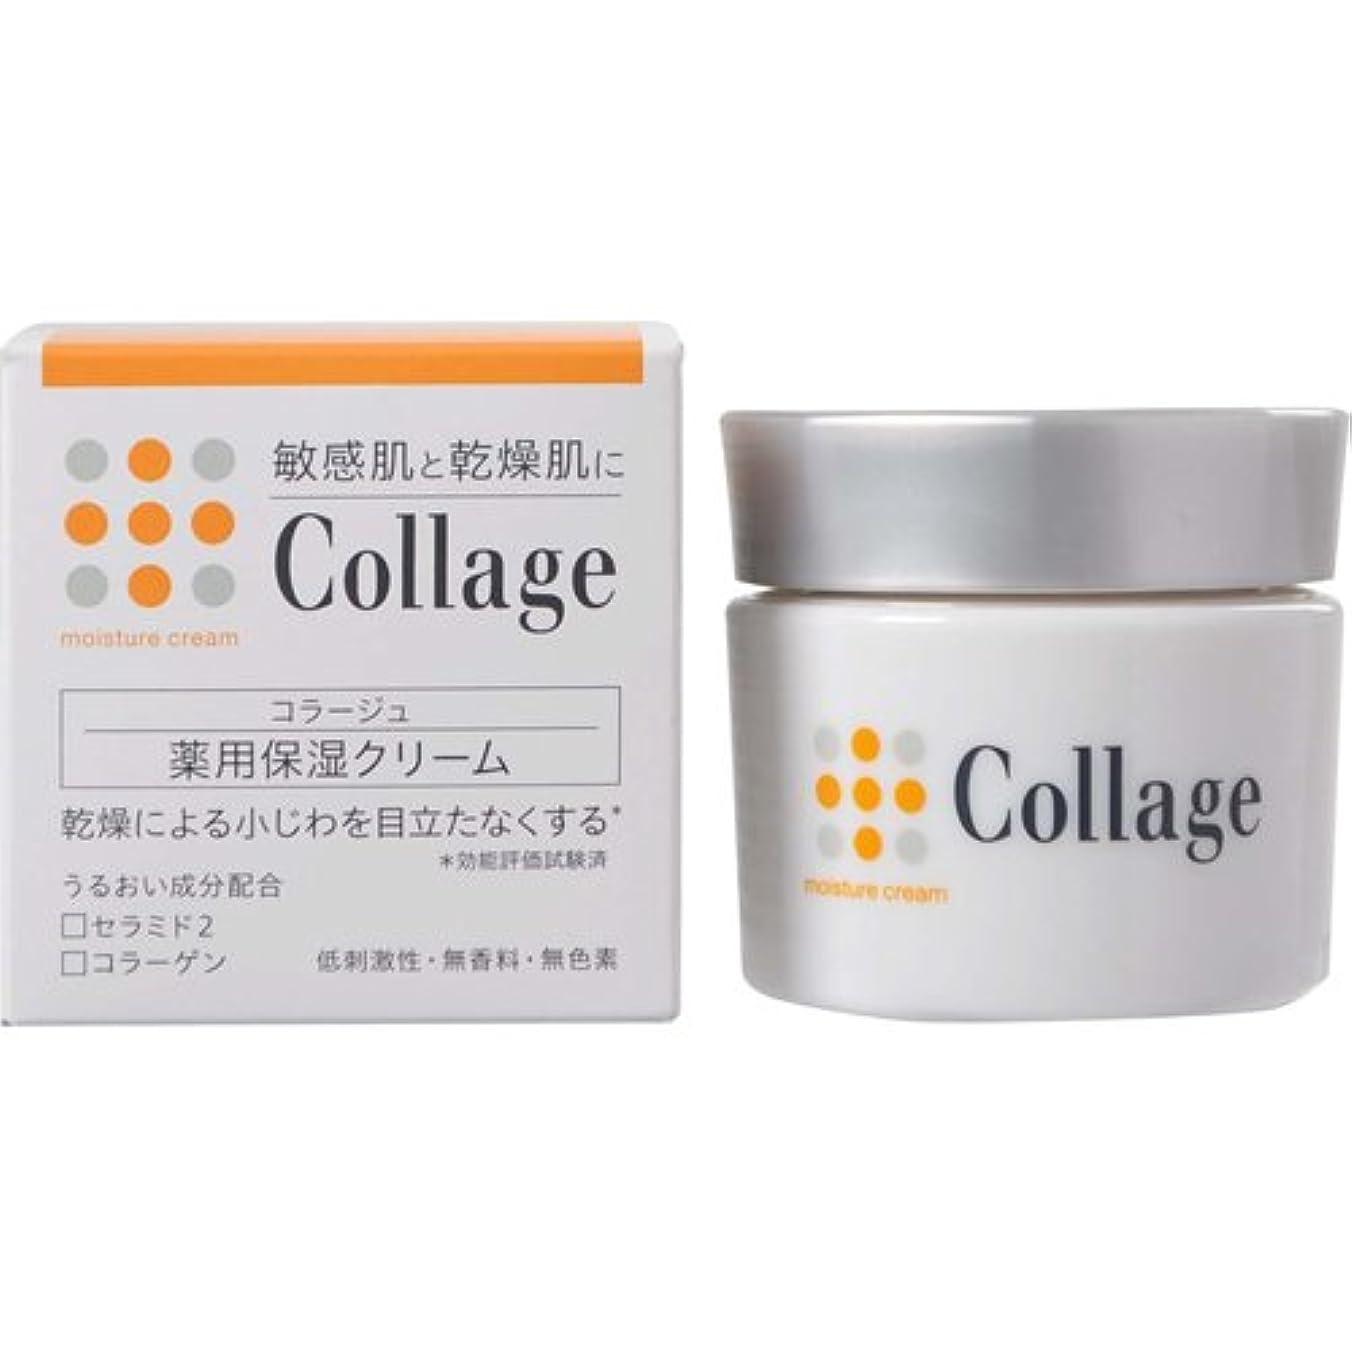 コラージュ 薬用保湿クリーム 30g 【医薬部外品】